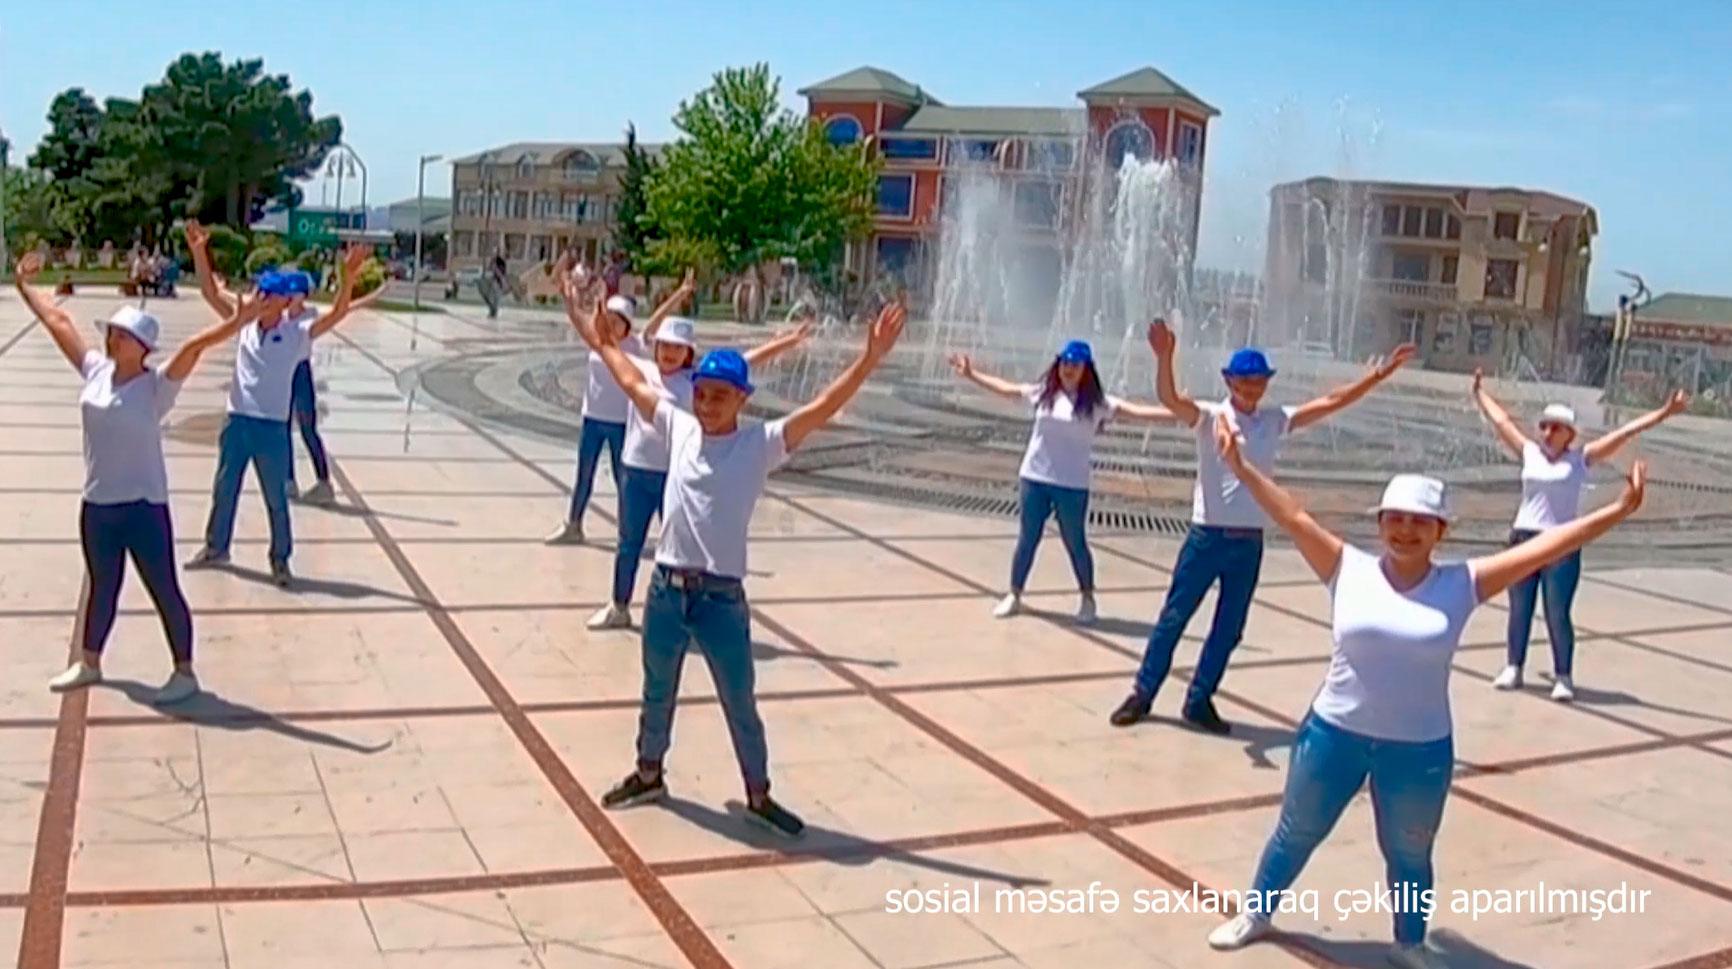 Uşaqların Beynəlxalq Müdafiəsi Gününə həsr olunmuş fləşmob